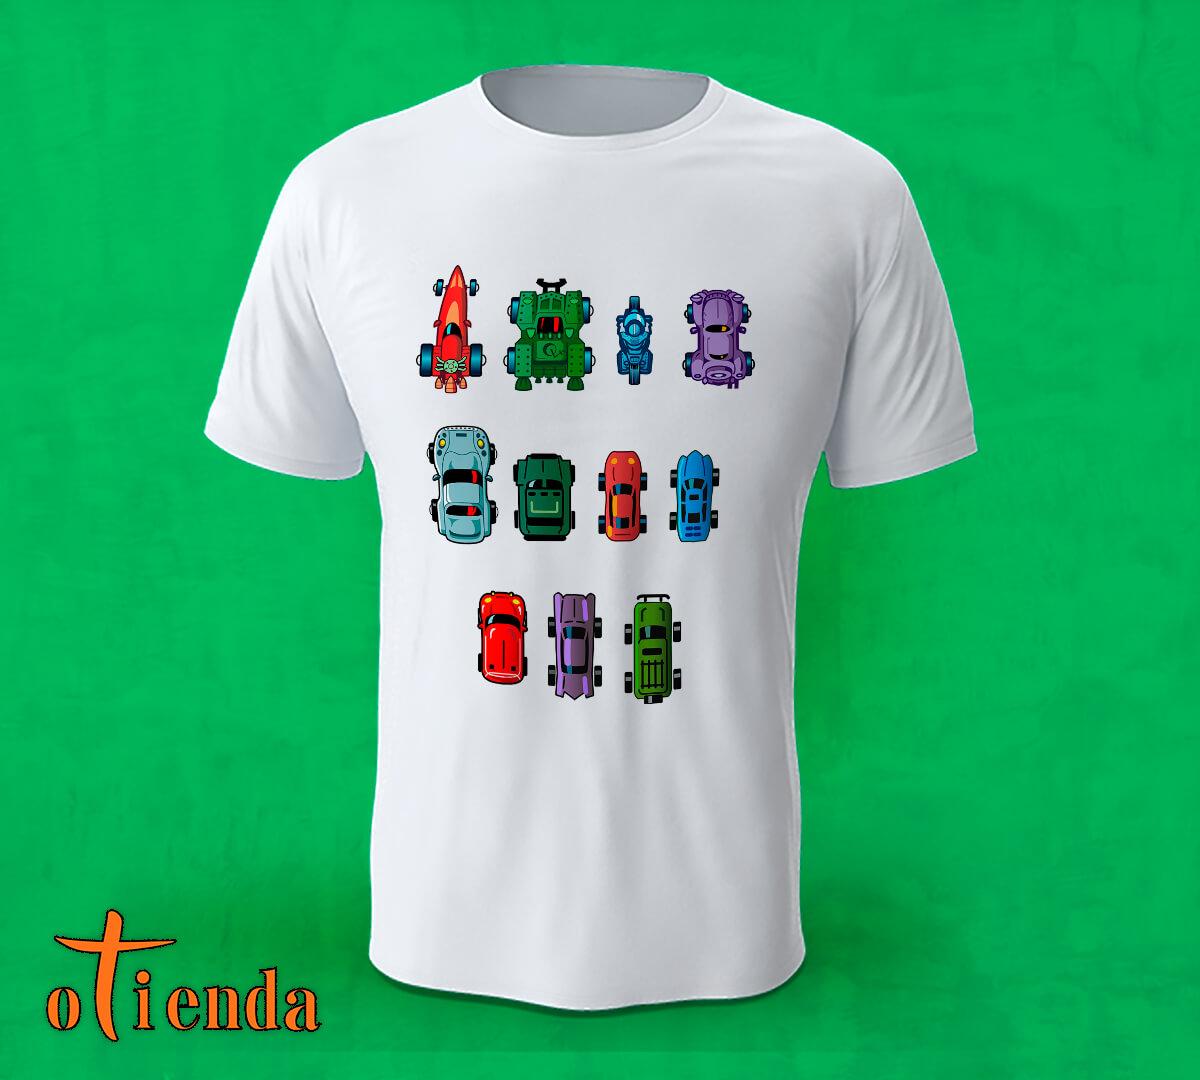 Camiseta Coches Juego Ordenador personalizada